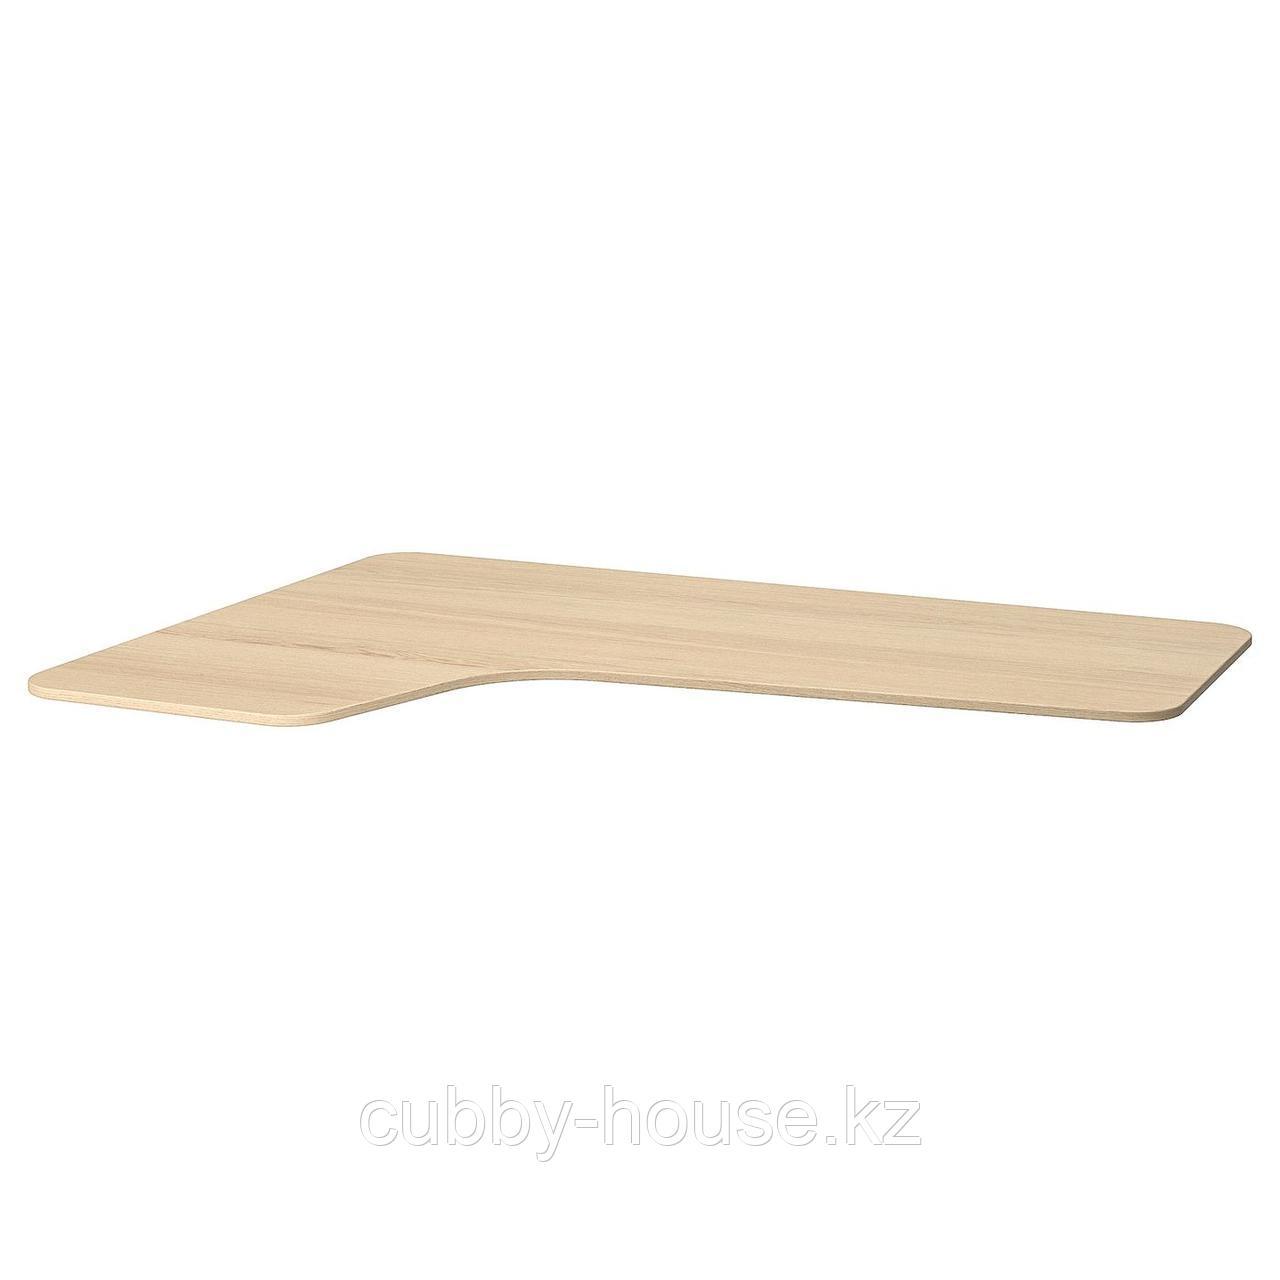 БЕКАНТ Столешница с вырезом, левая, дубовый шпон, беленый, 160x110 см